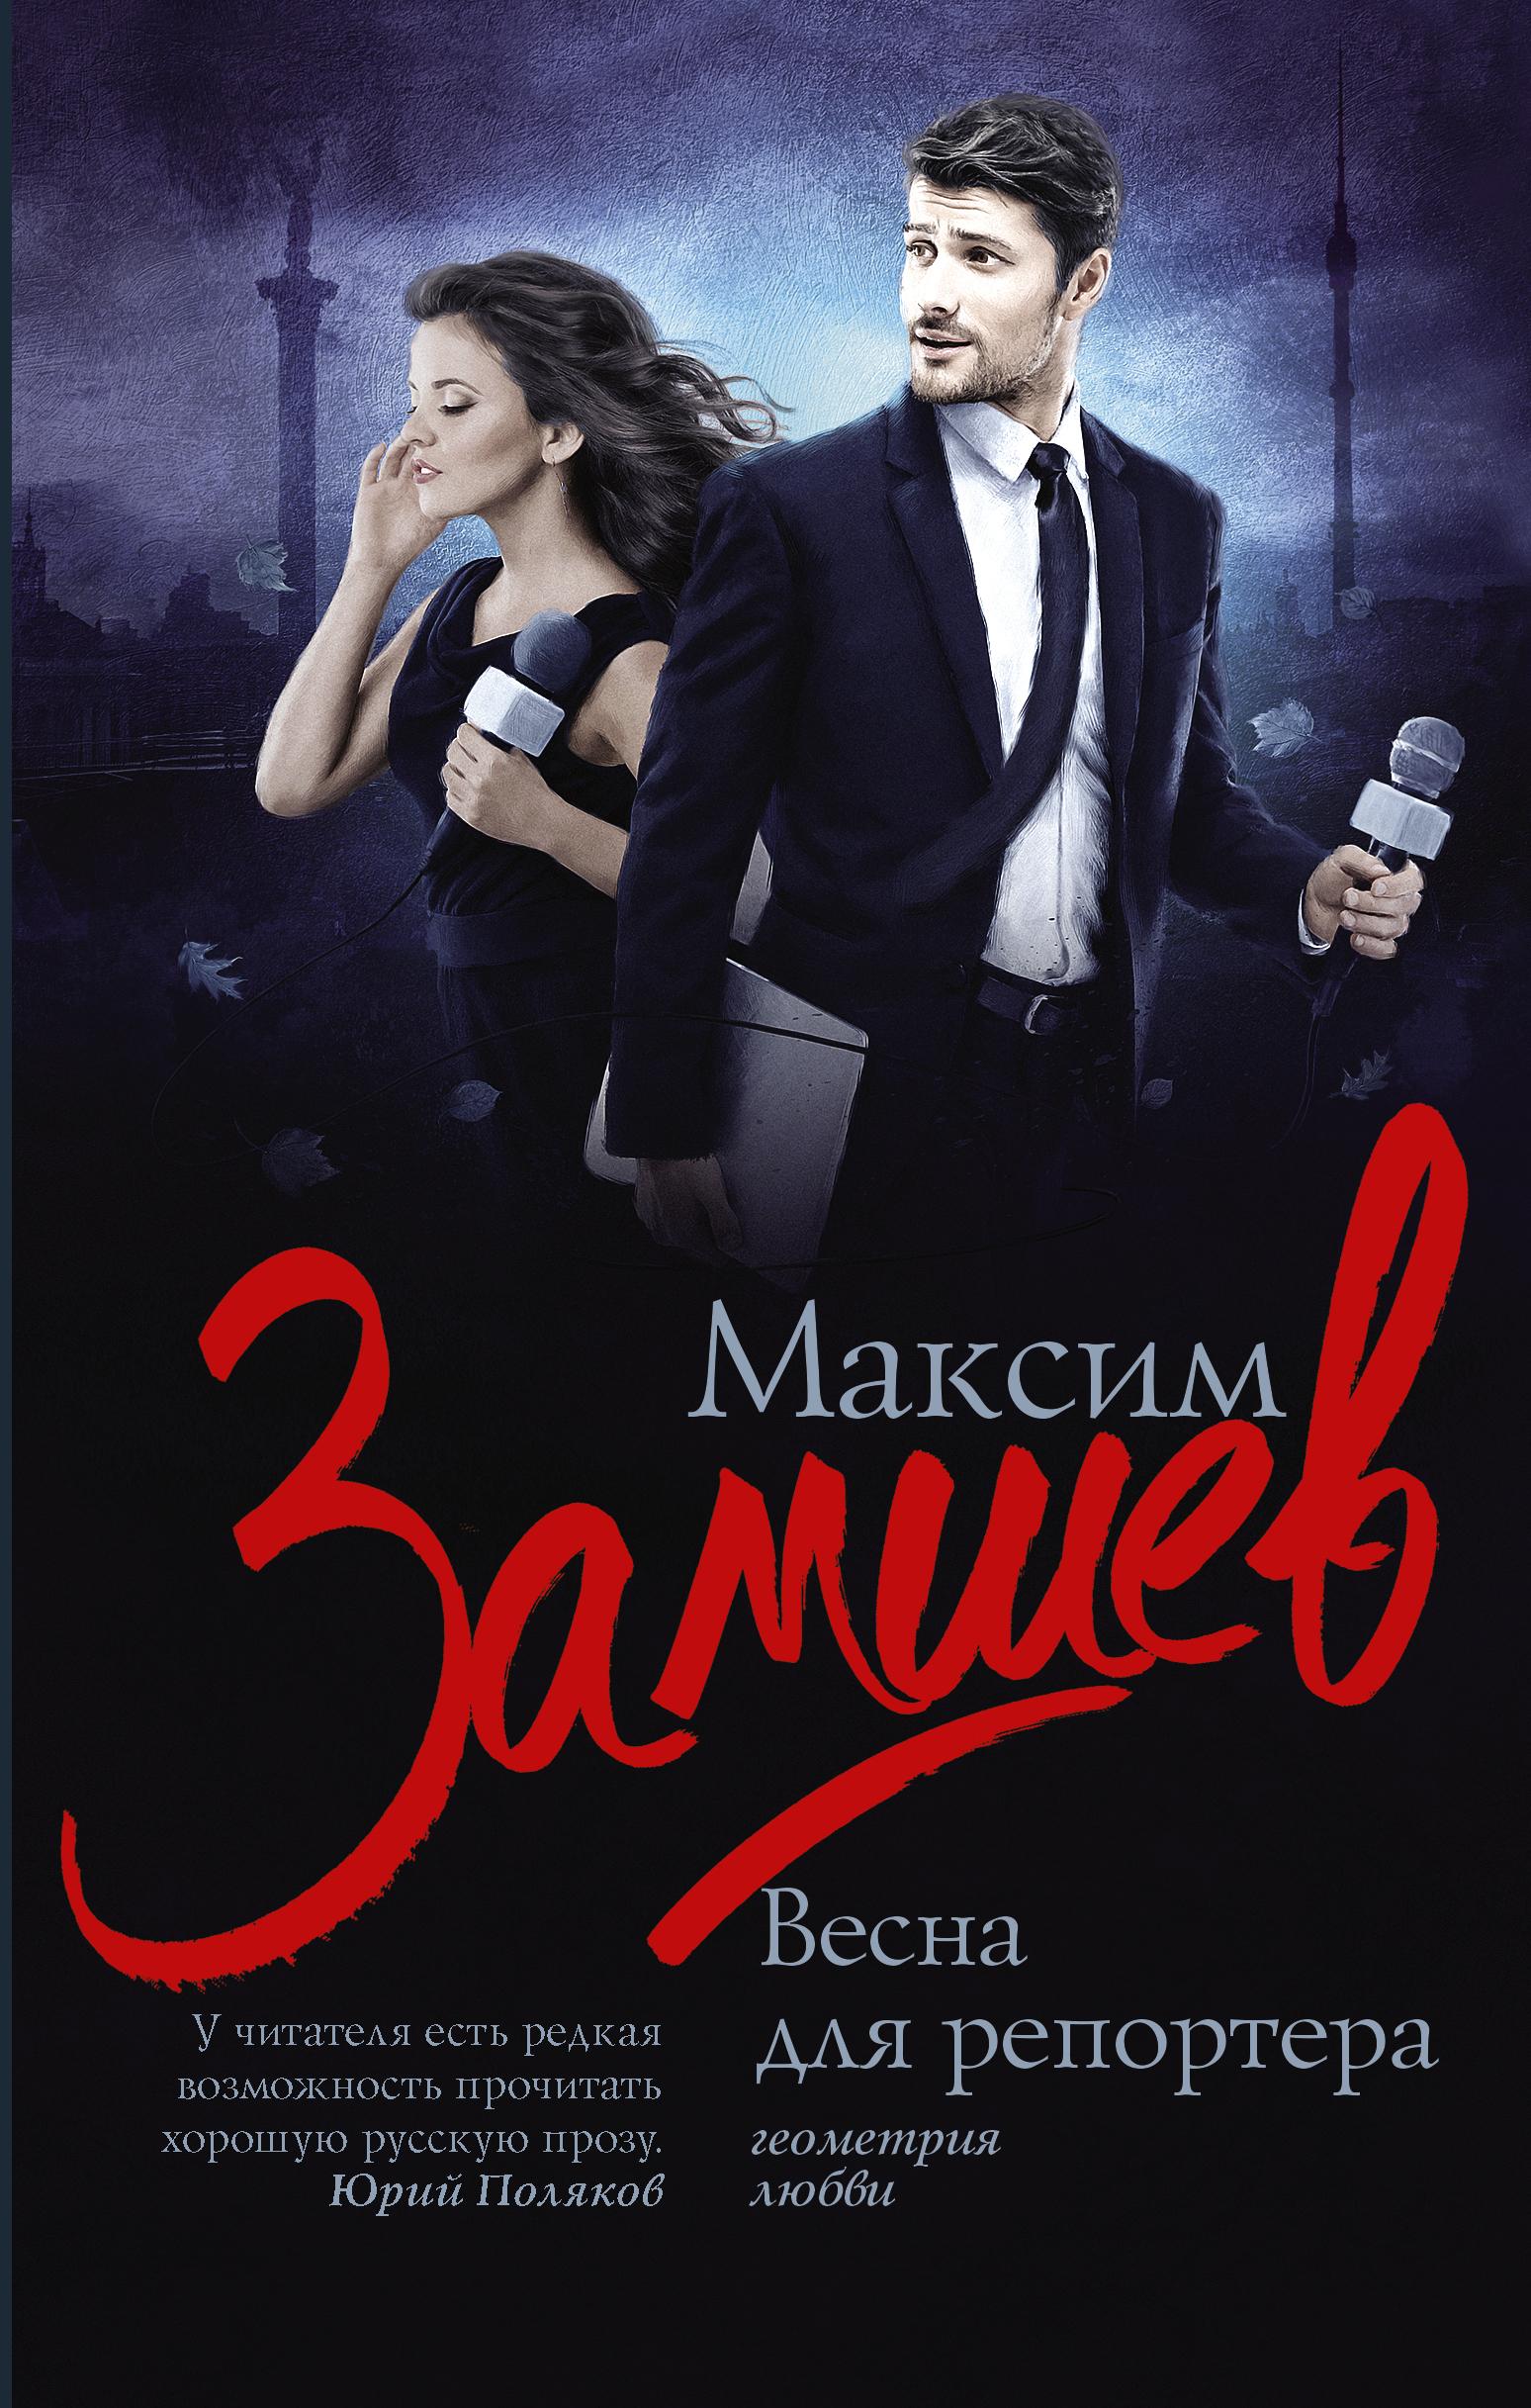 Замшев Максим Весна для репортера симбитер для ребенка в киеве